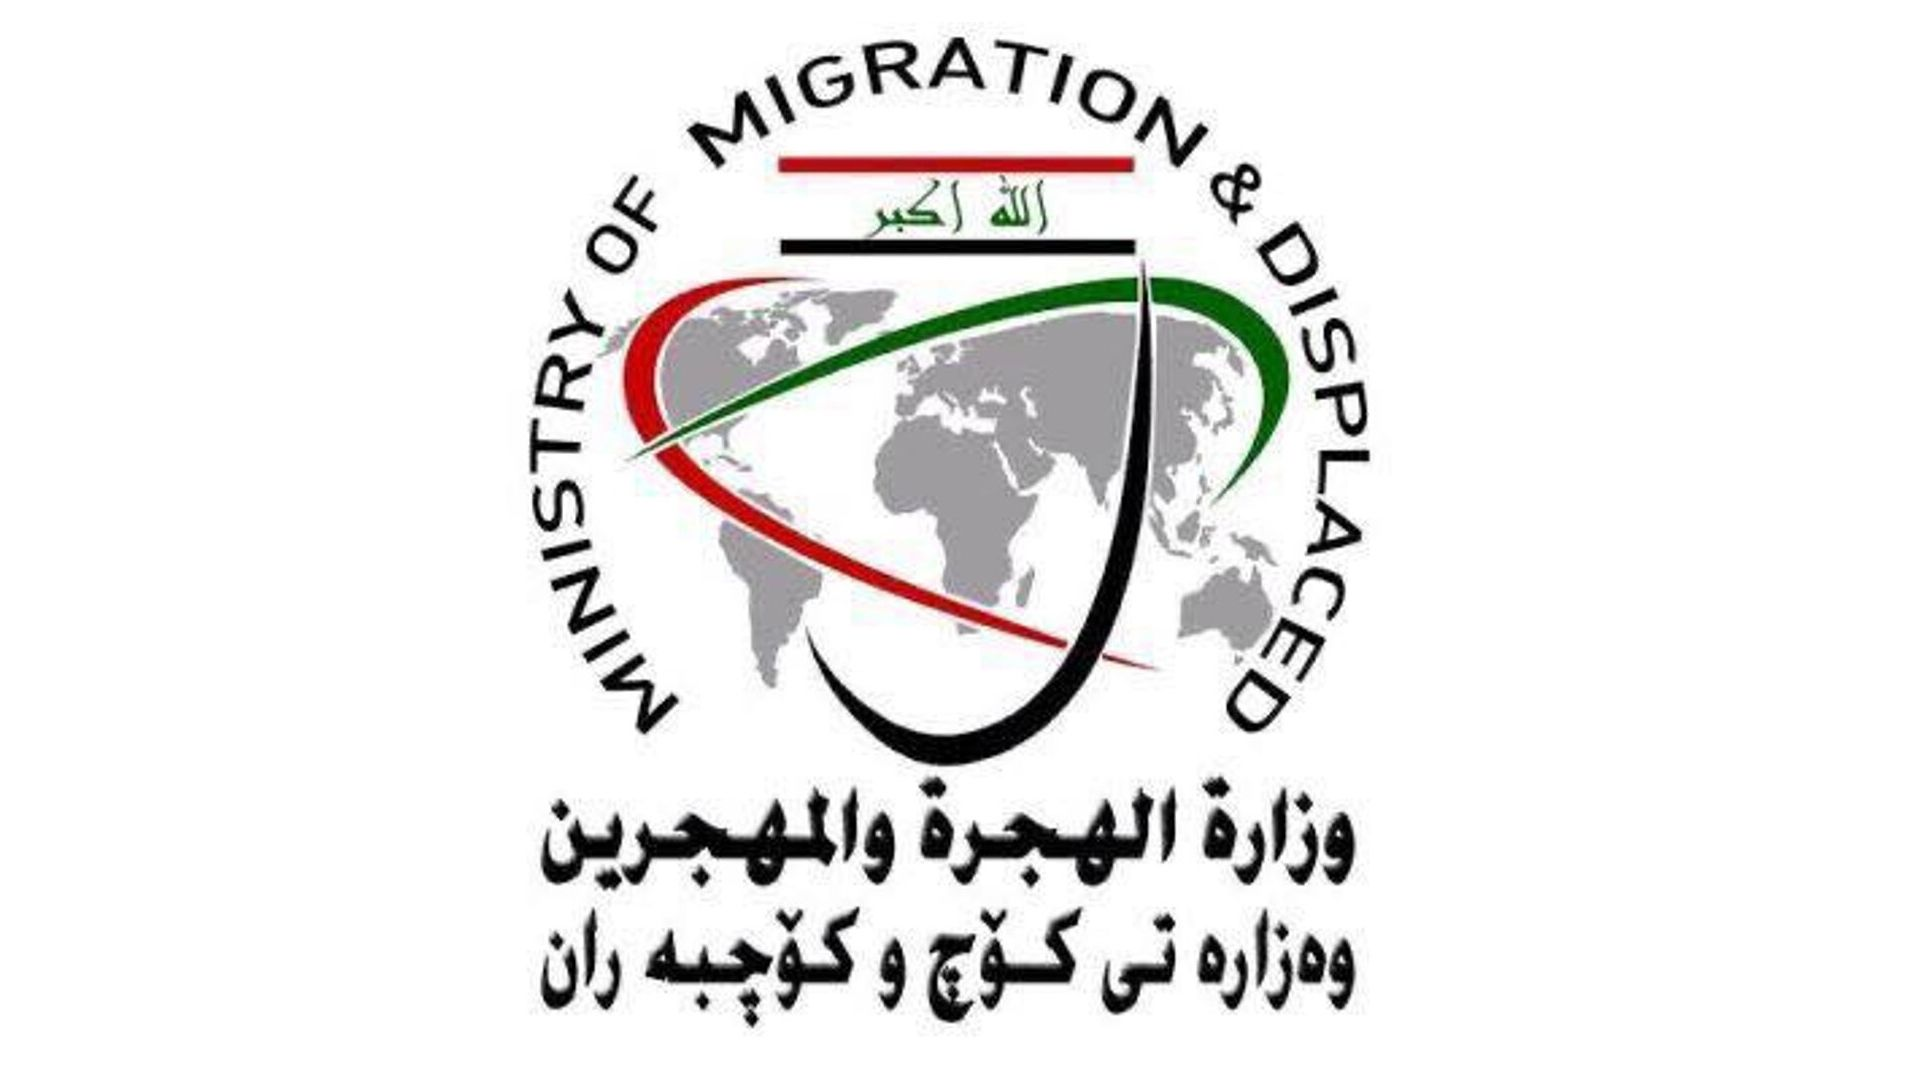 وزارة الهجرة ترفض العودة القسرية لعراقيي المهجر